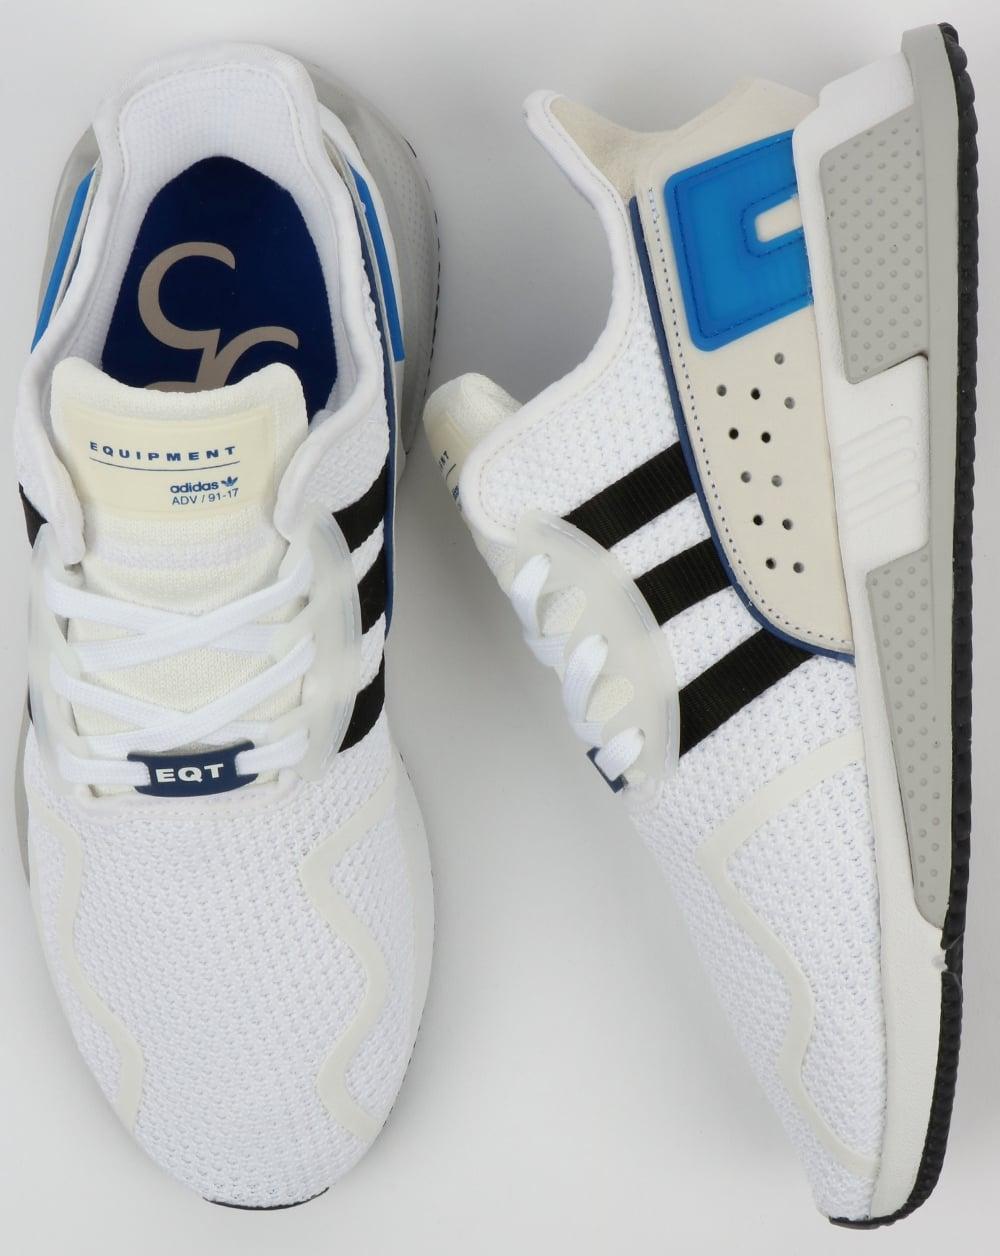 separation shoes 826ea ae01b Adidas EQT Cushion ADV Trainers WhiteBlackRoyal